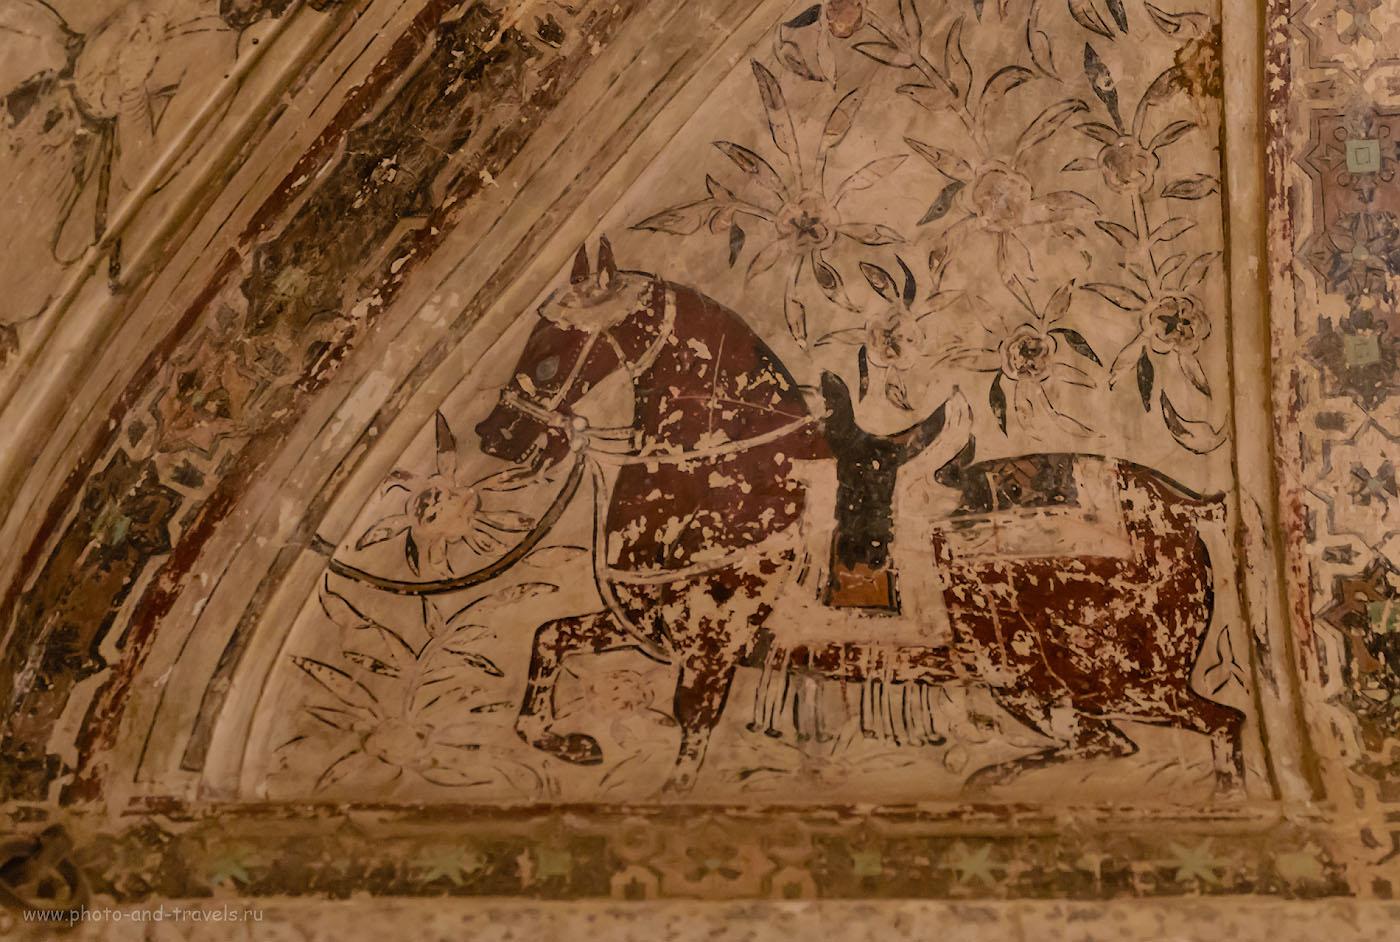 Фото 6. Фрески во дворце в Орчхе.